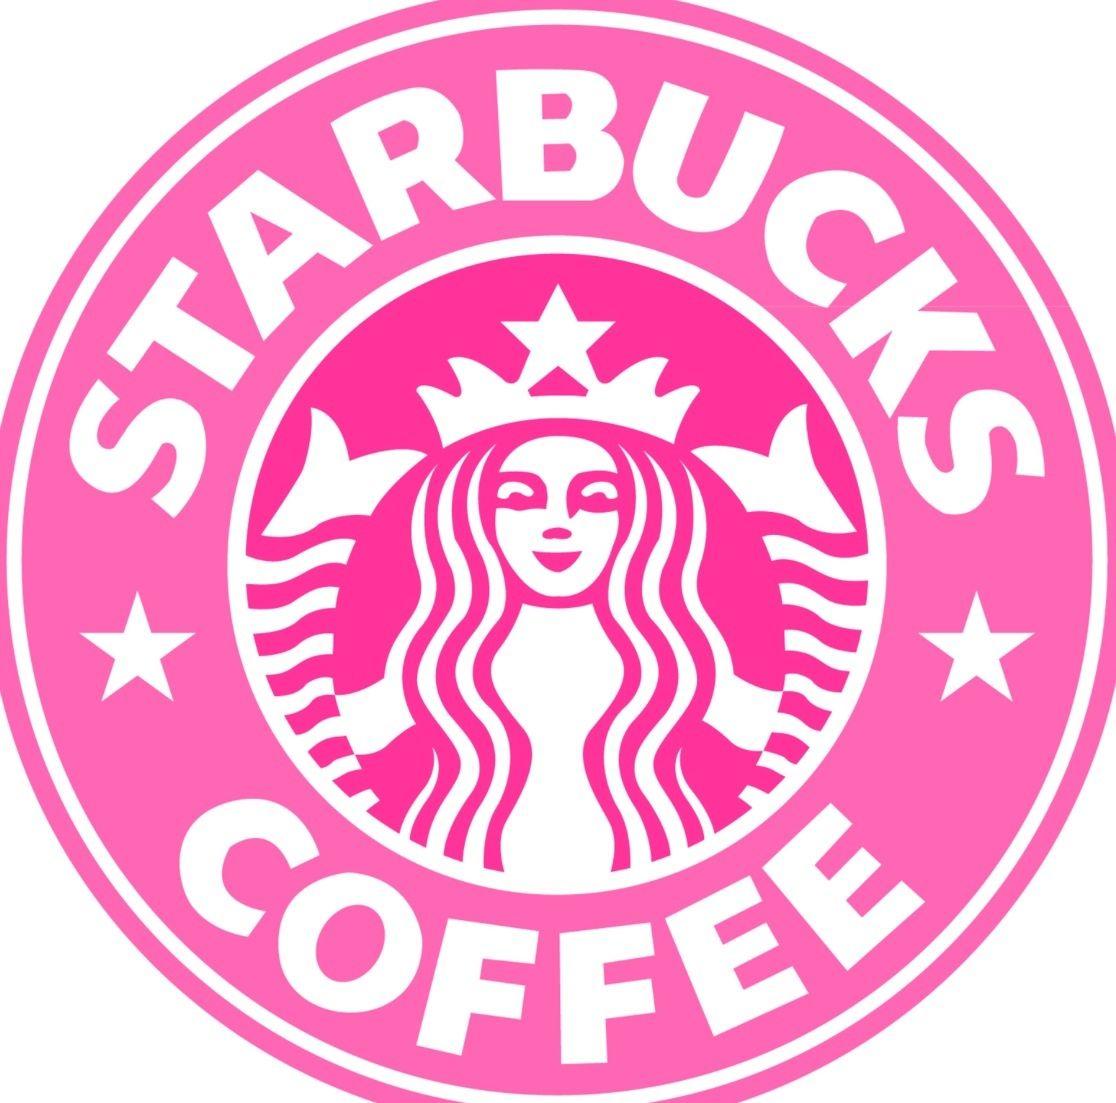 Oh yup Pink starbucks, Pink day, Everything pink